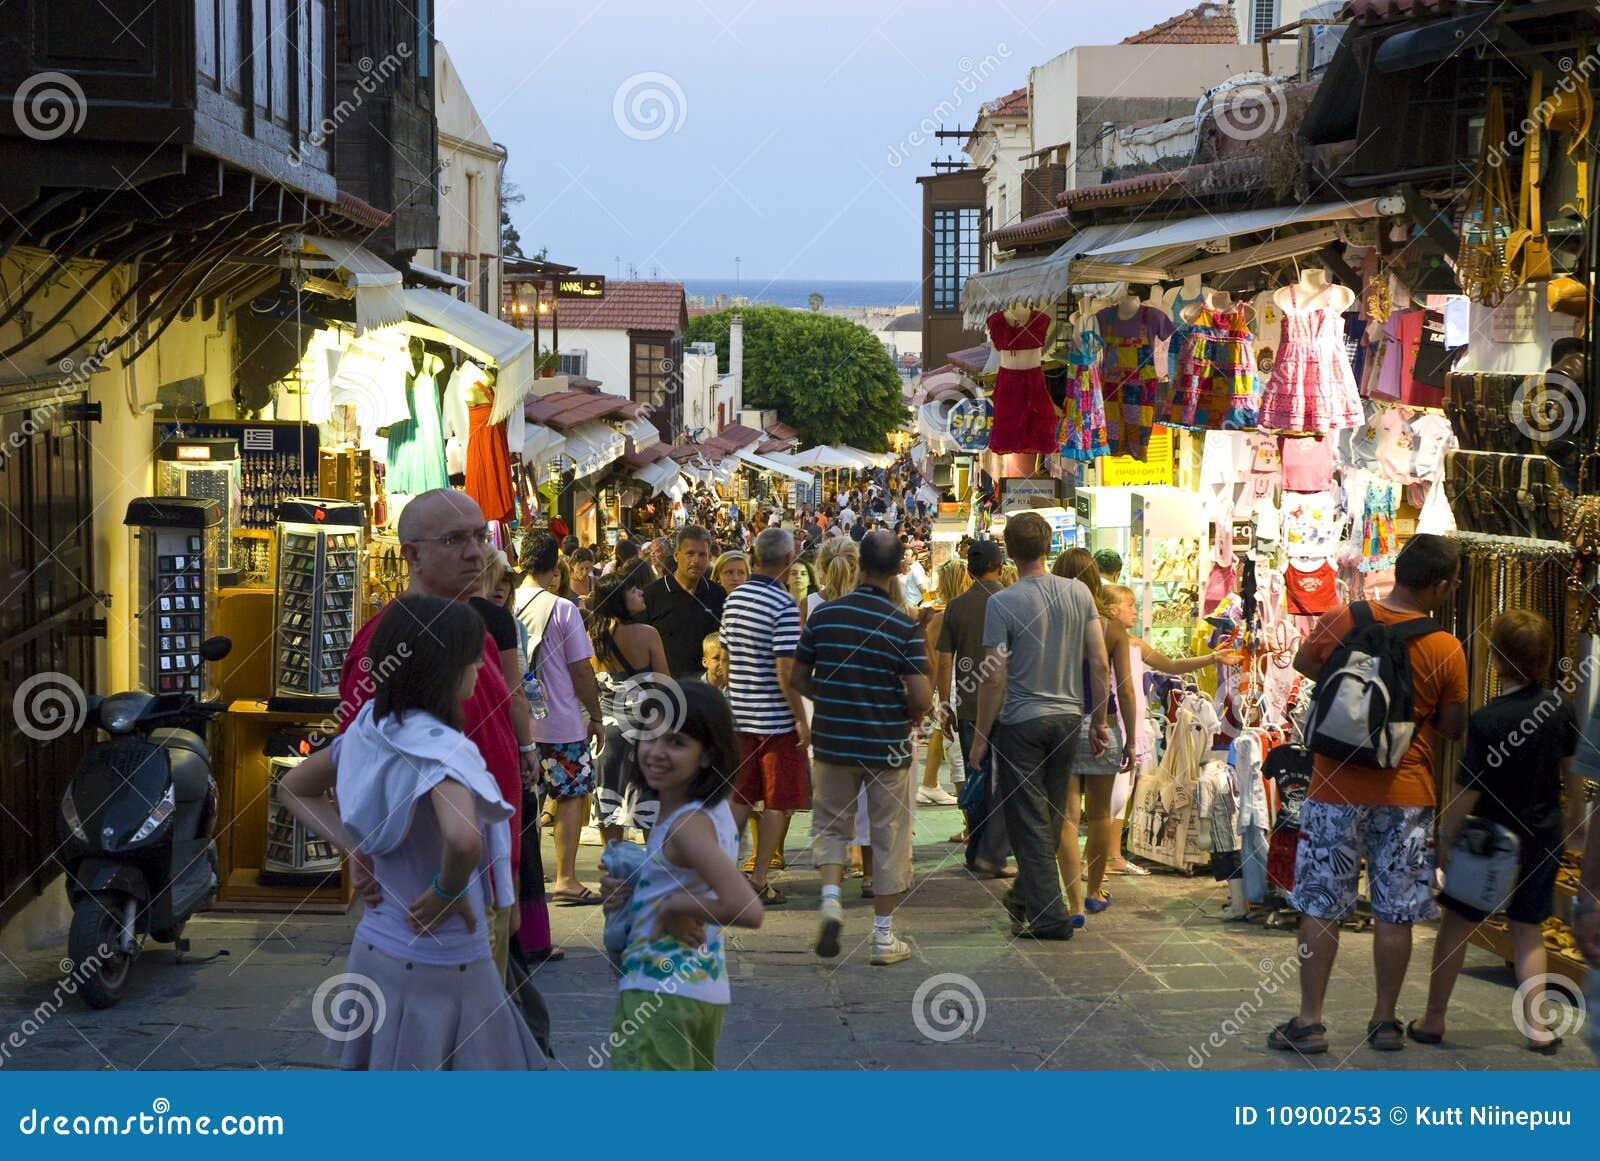 Calle comercial ocupada